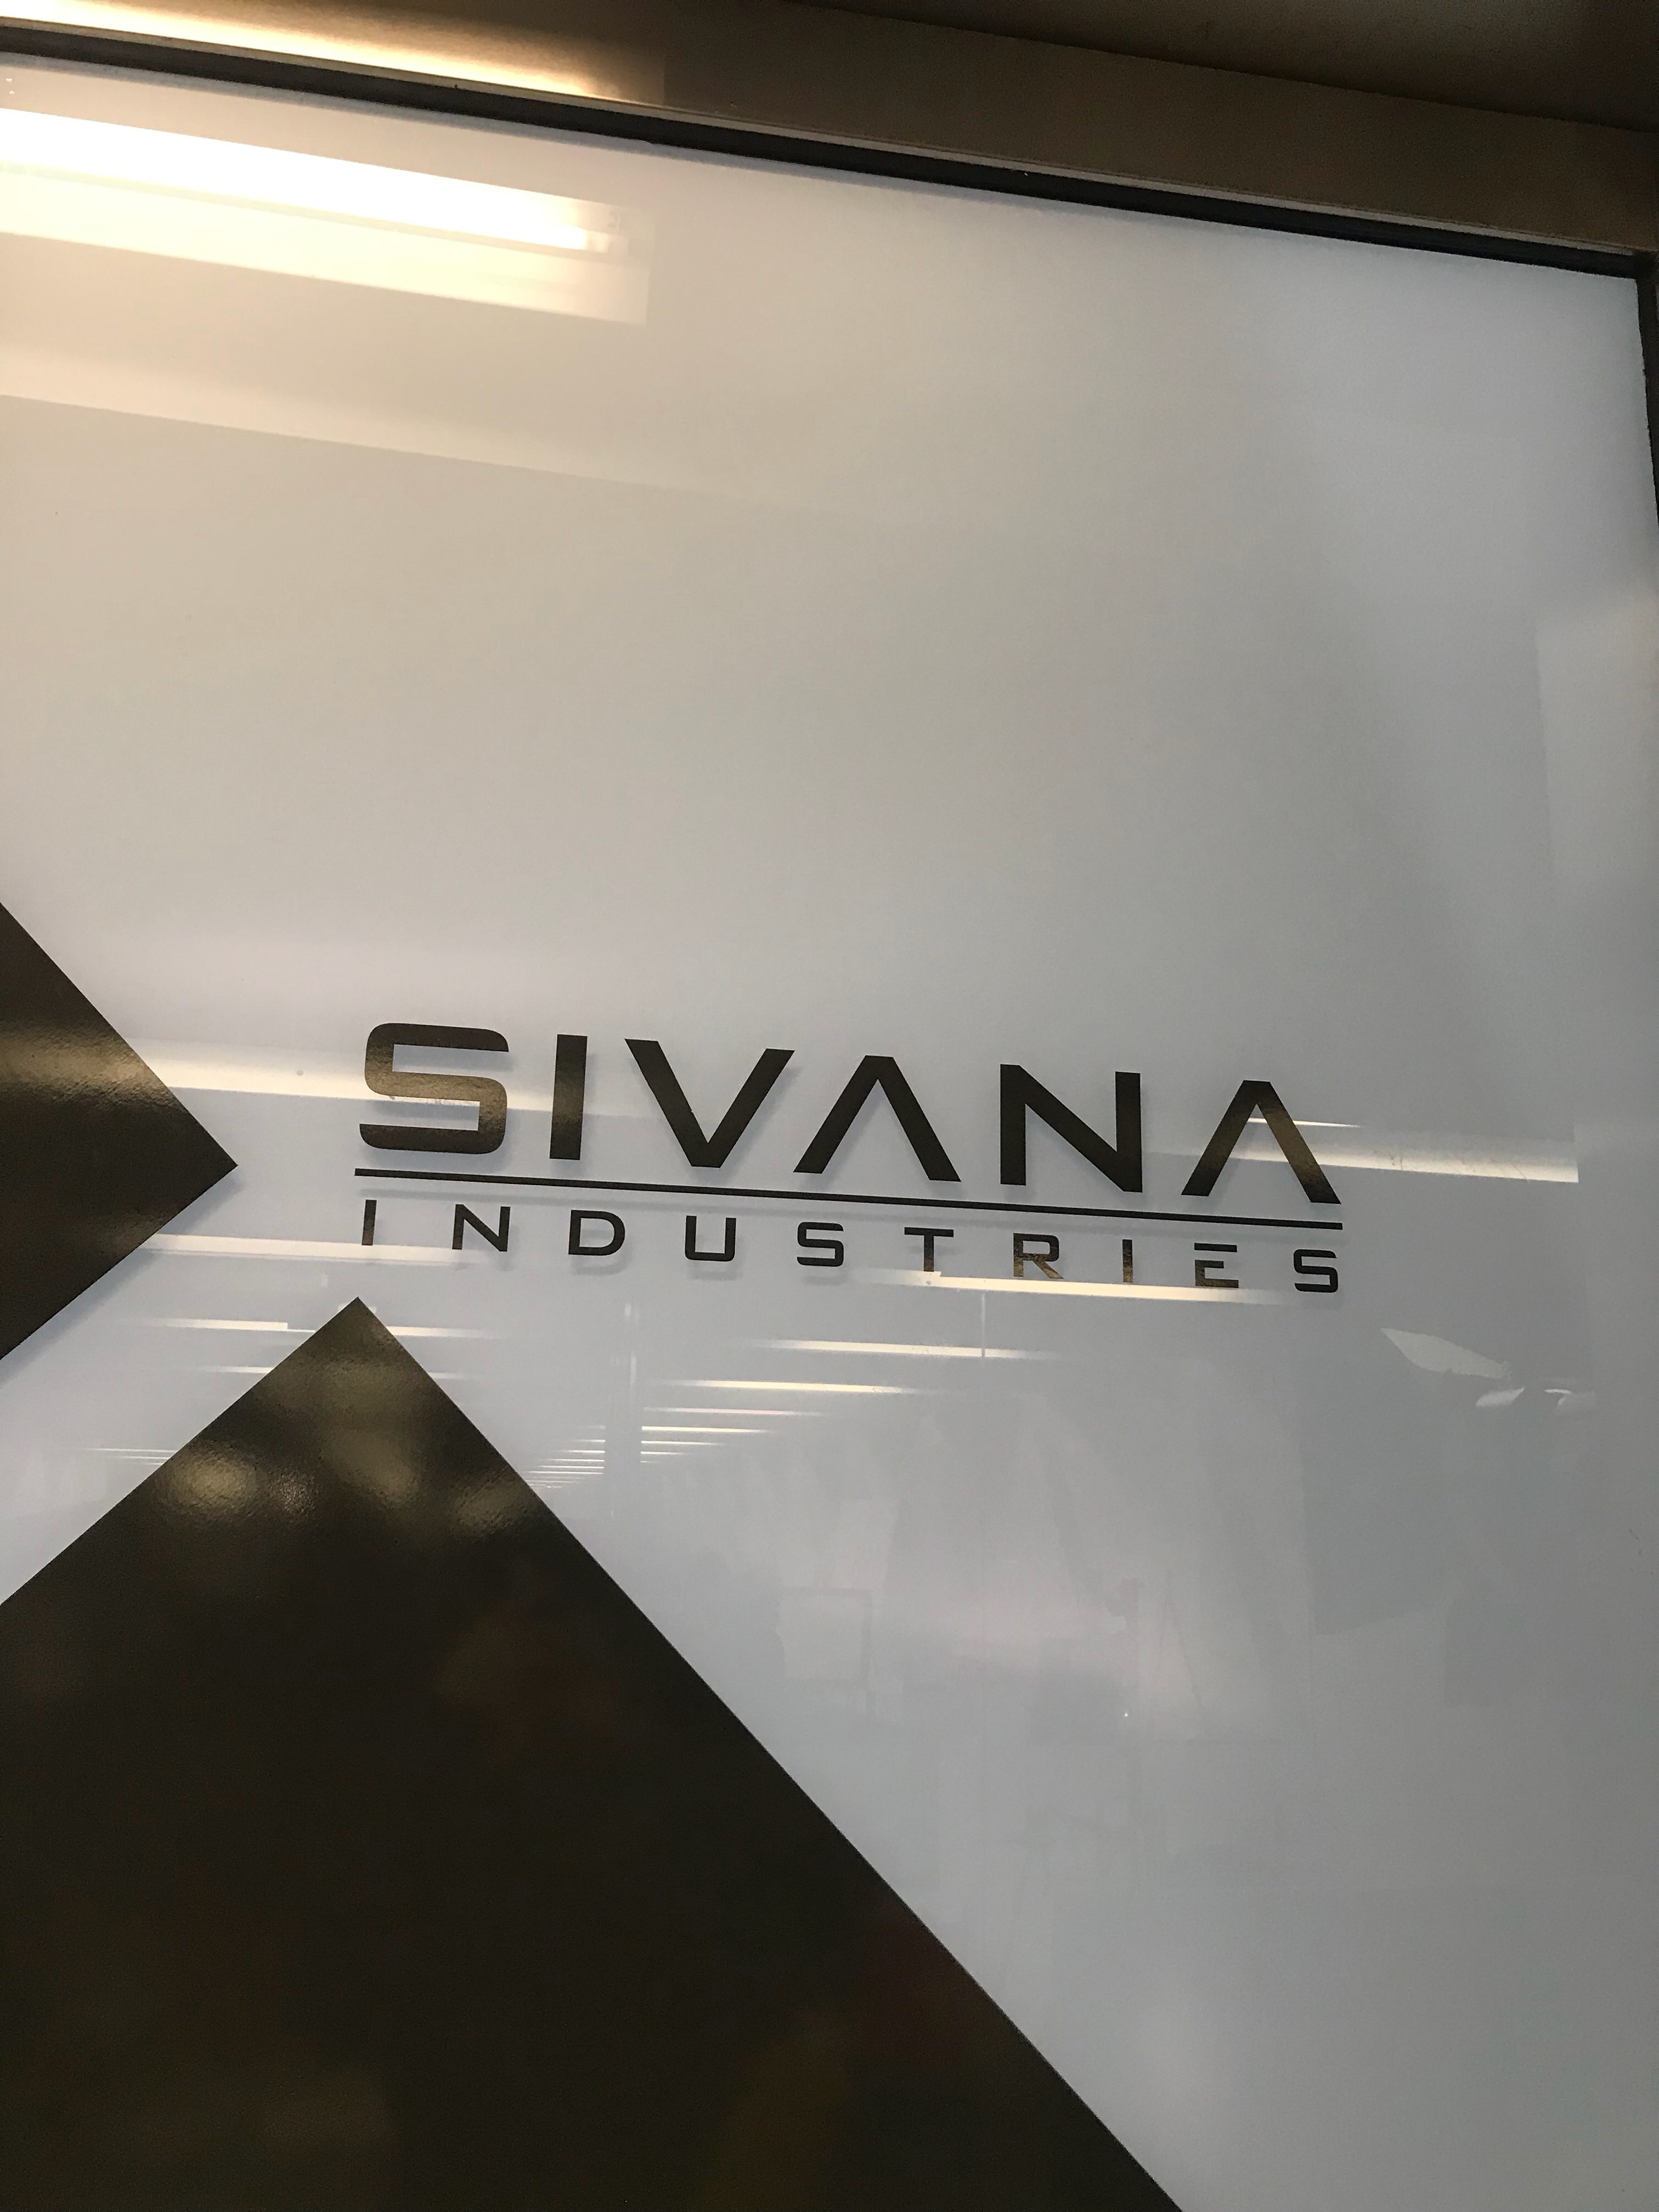 Sivana Industries